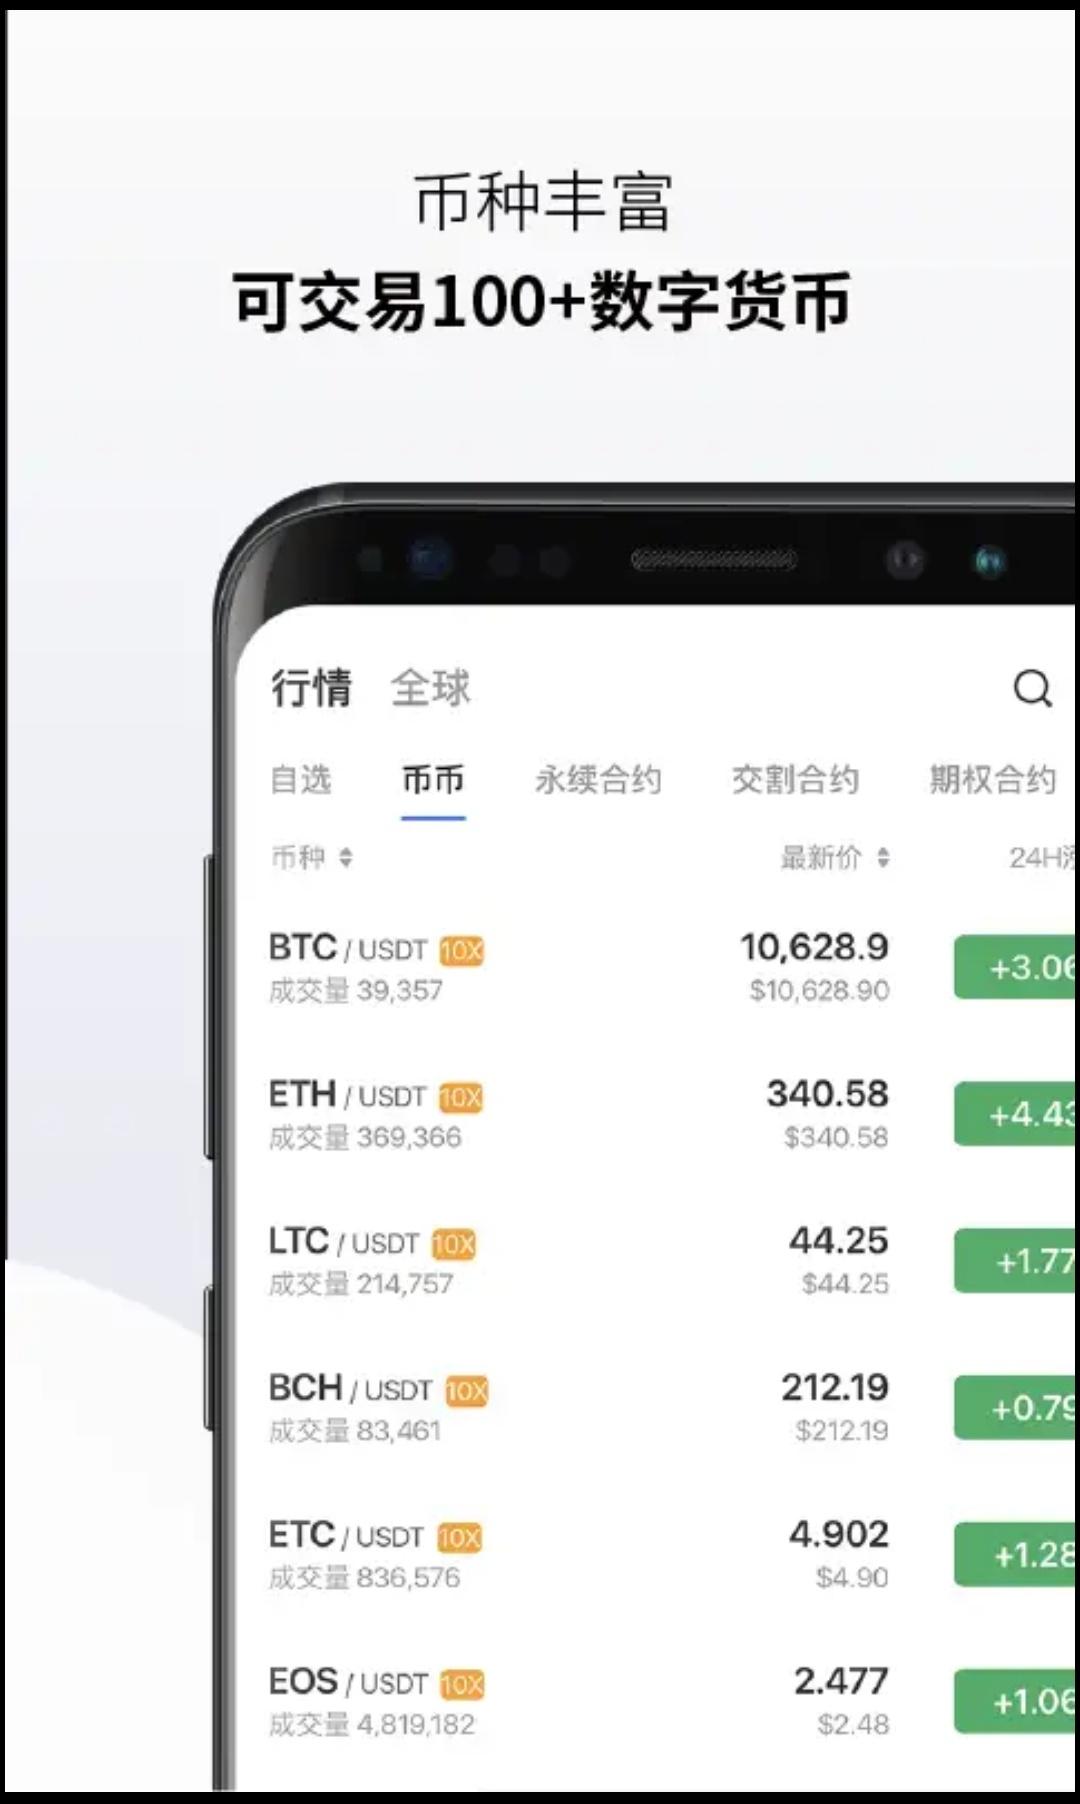 okex交易所苹果下载v4.8.7 iPhone版